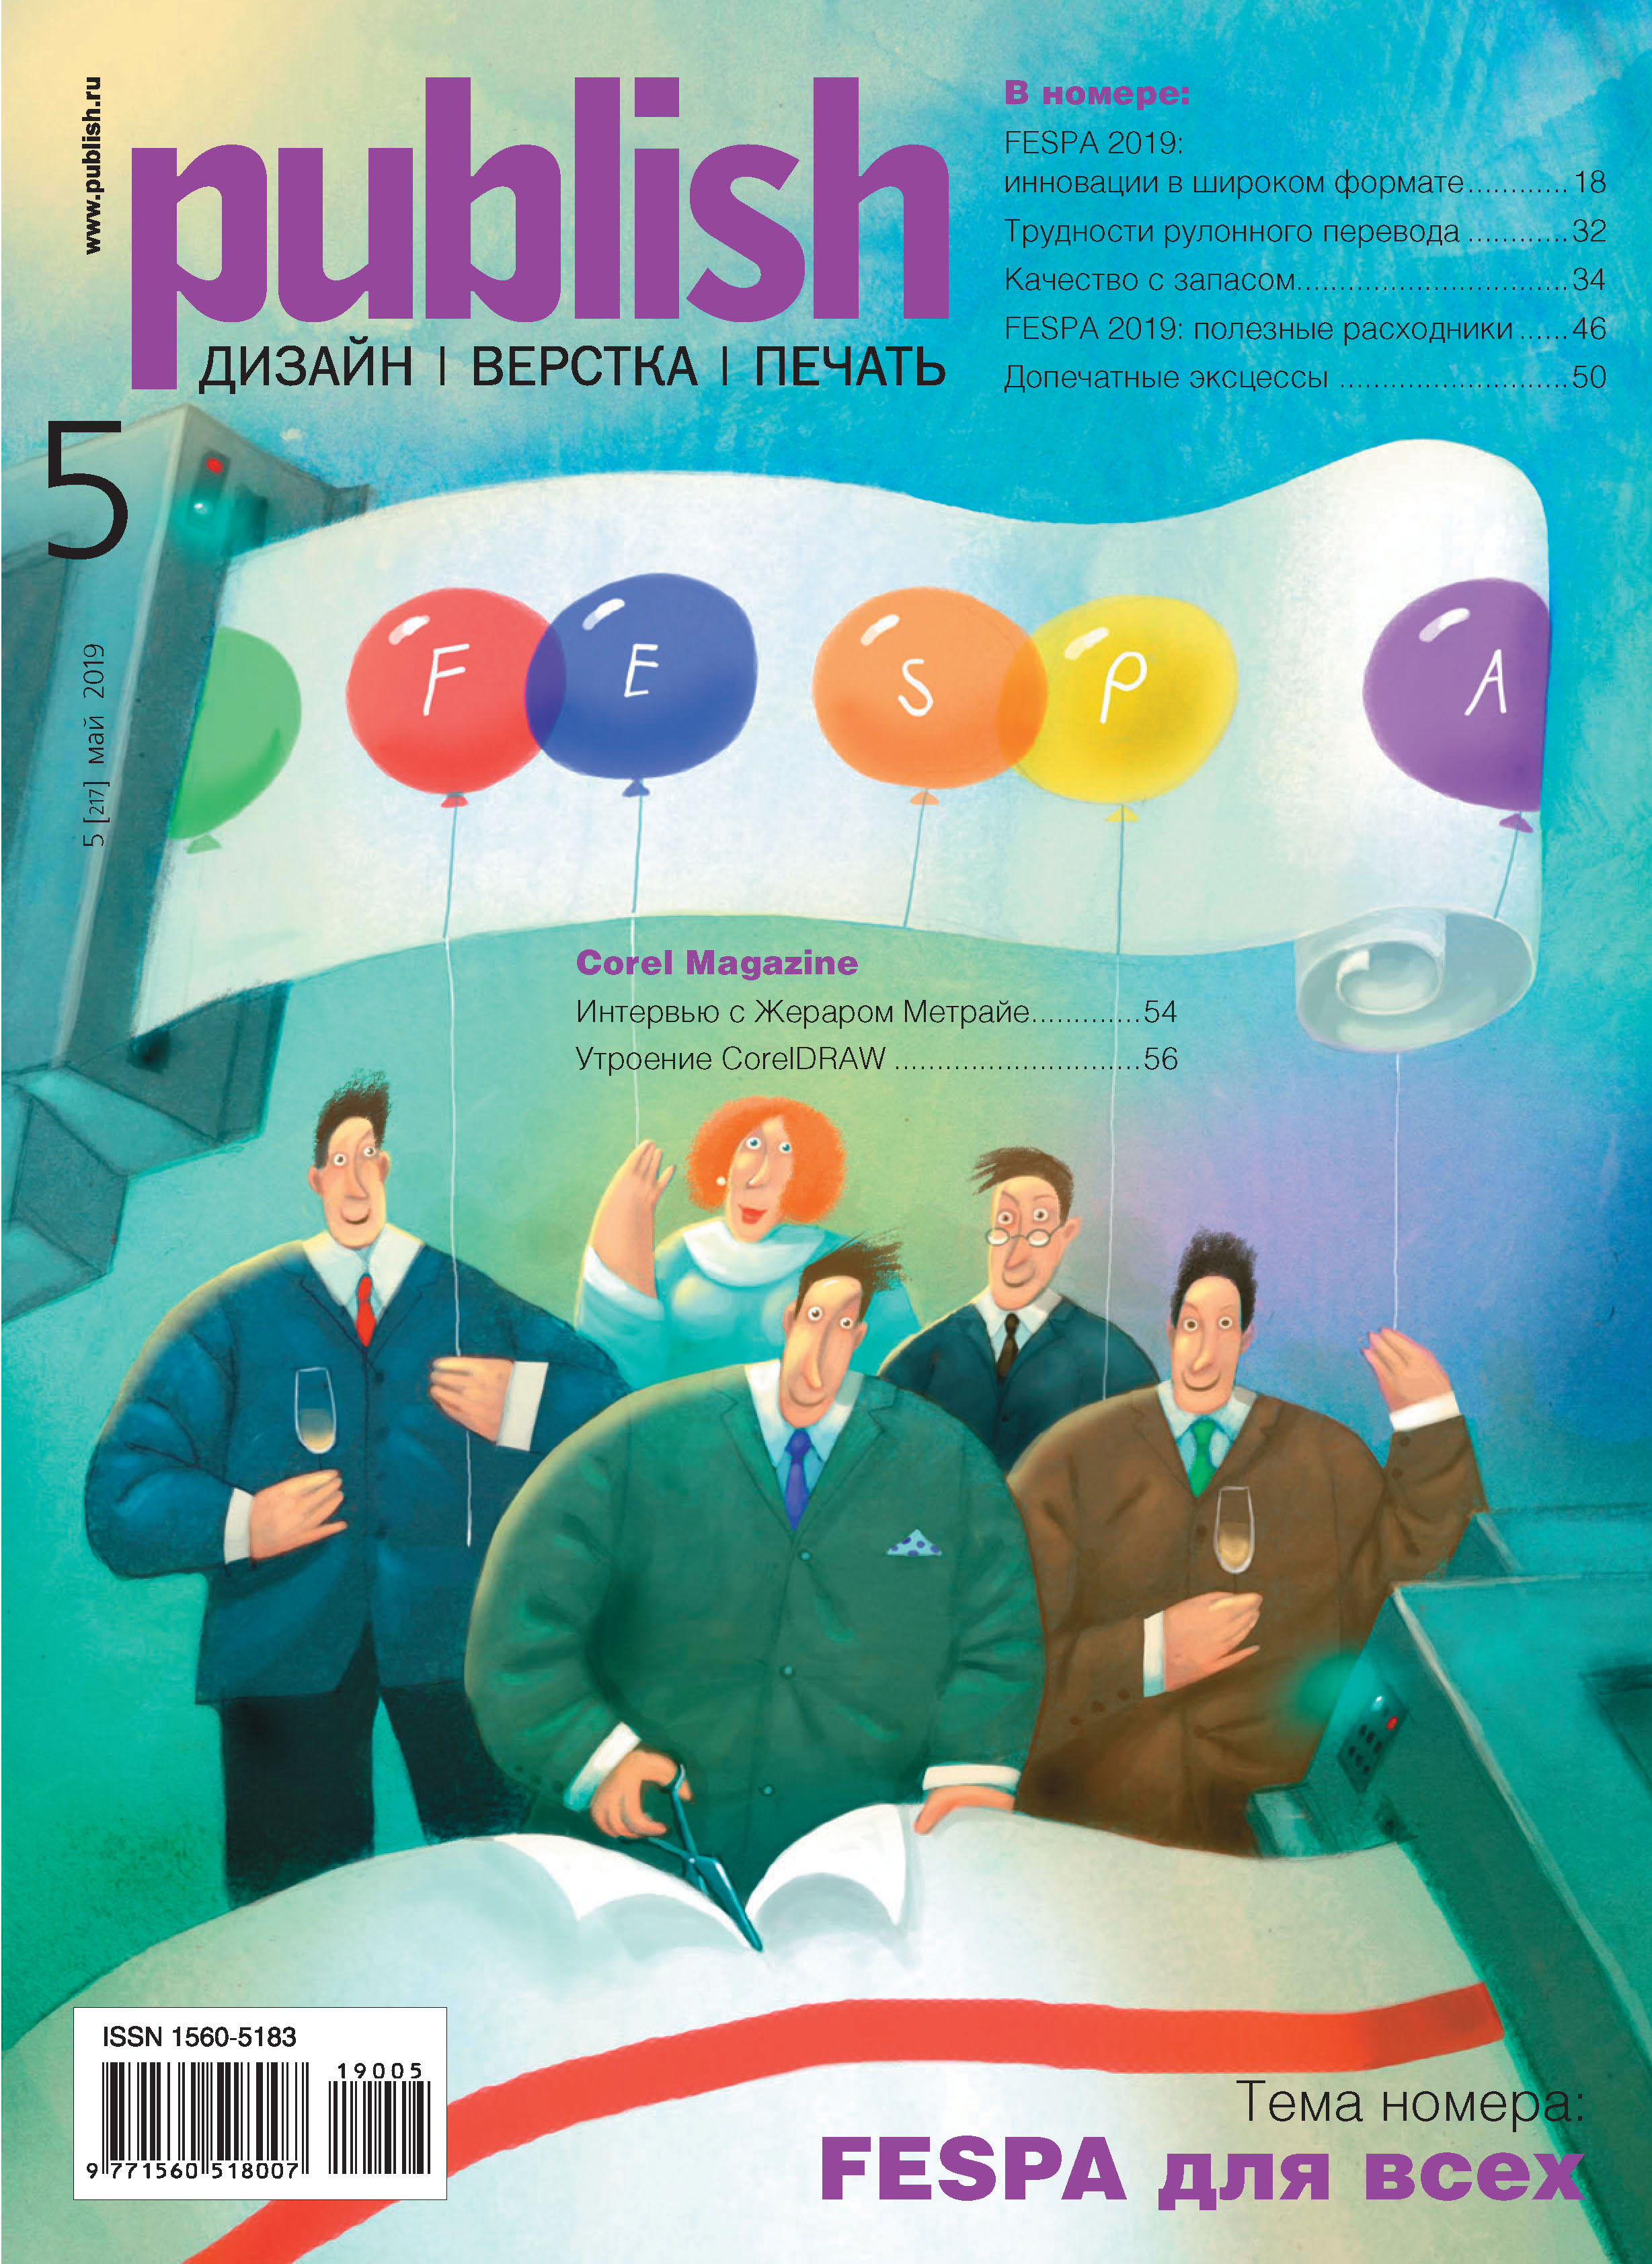 Открытые системы Журнал Publish №05/2019 открытые системы журнал publish 09 2018